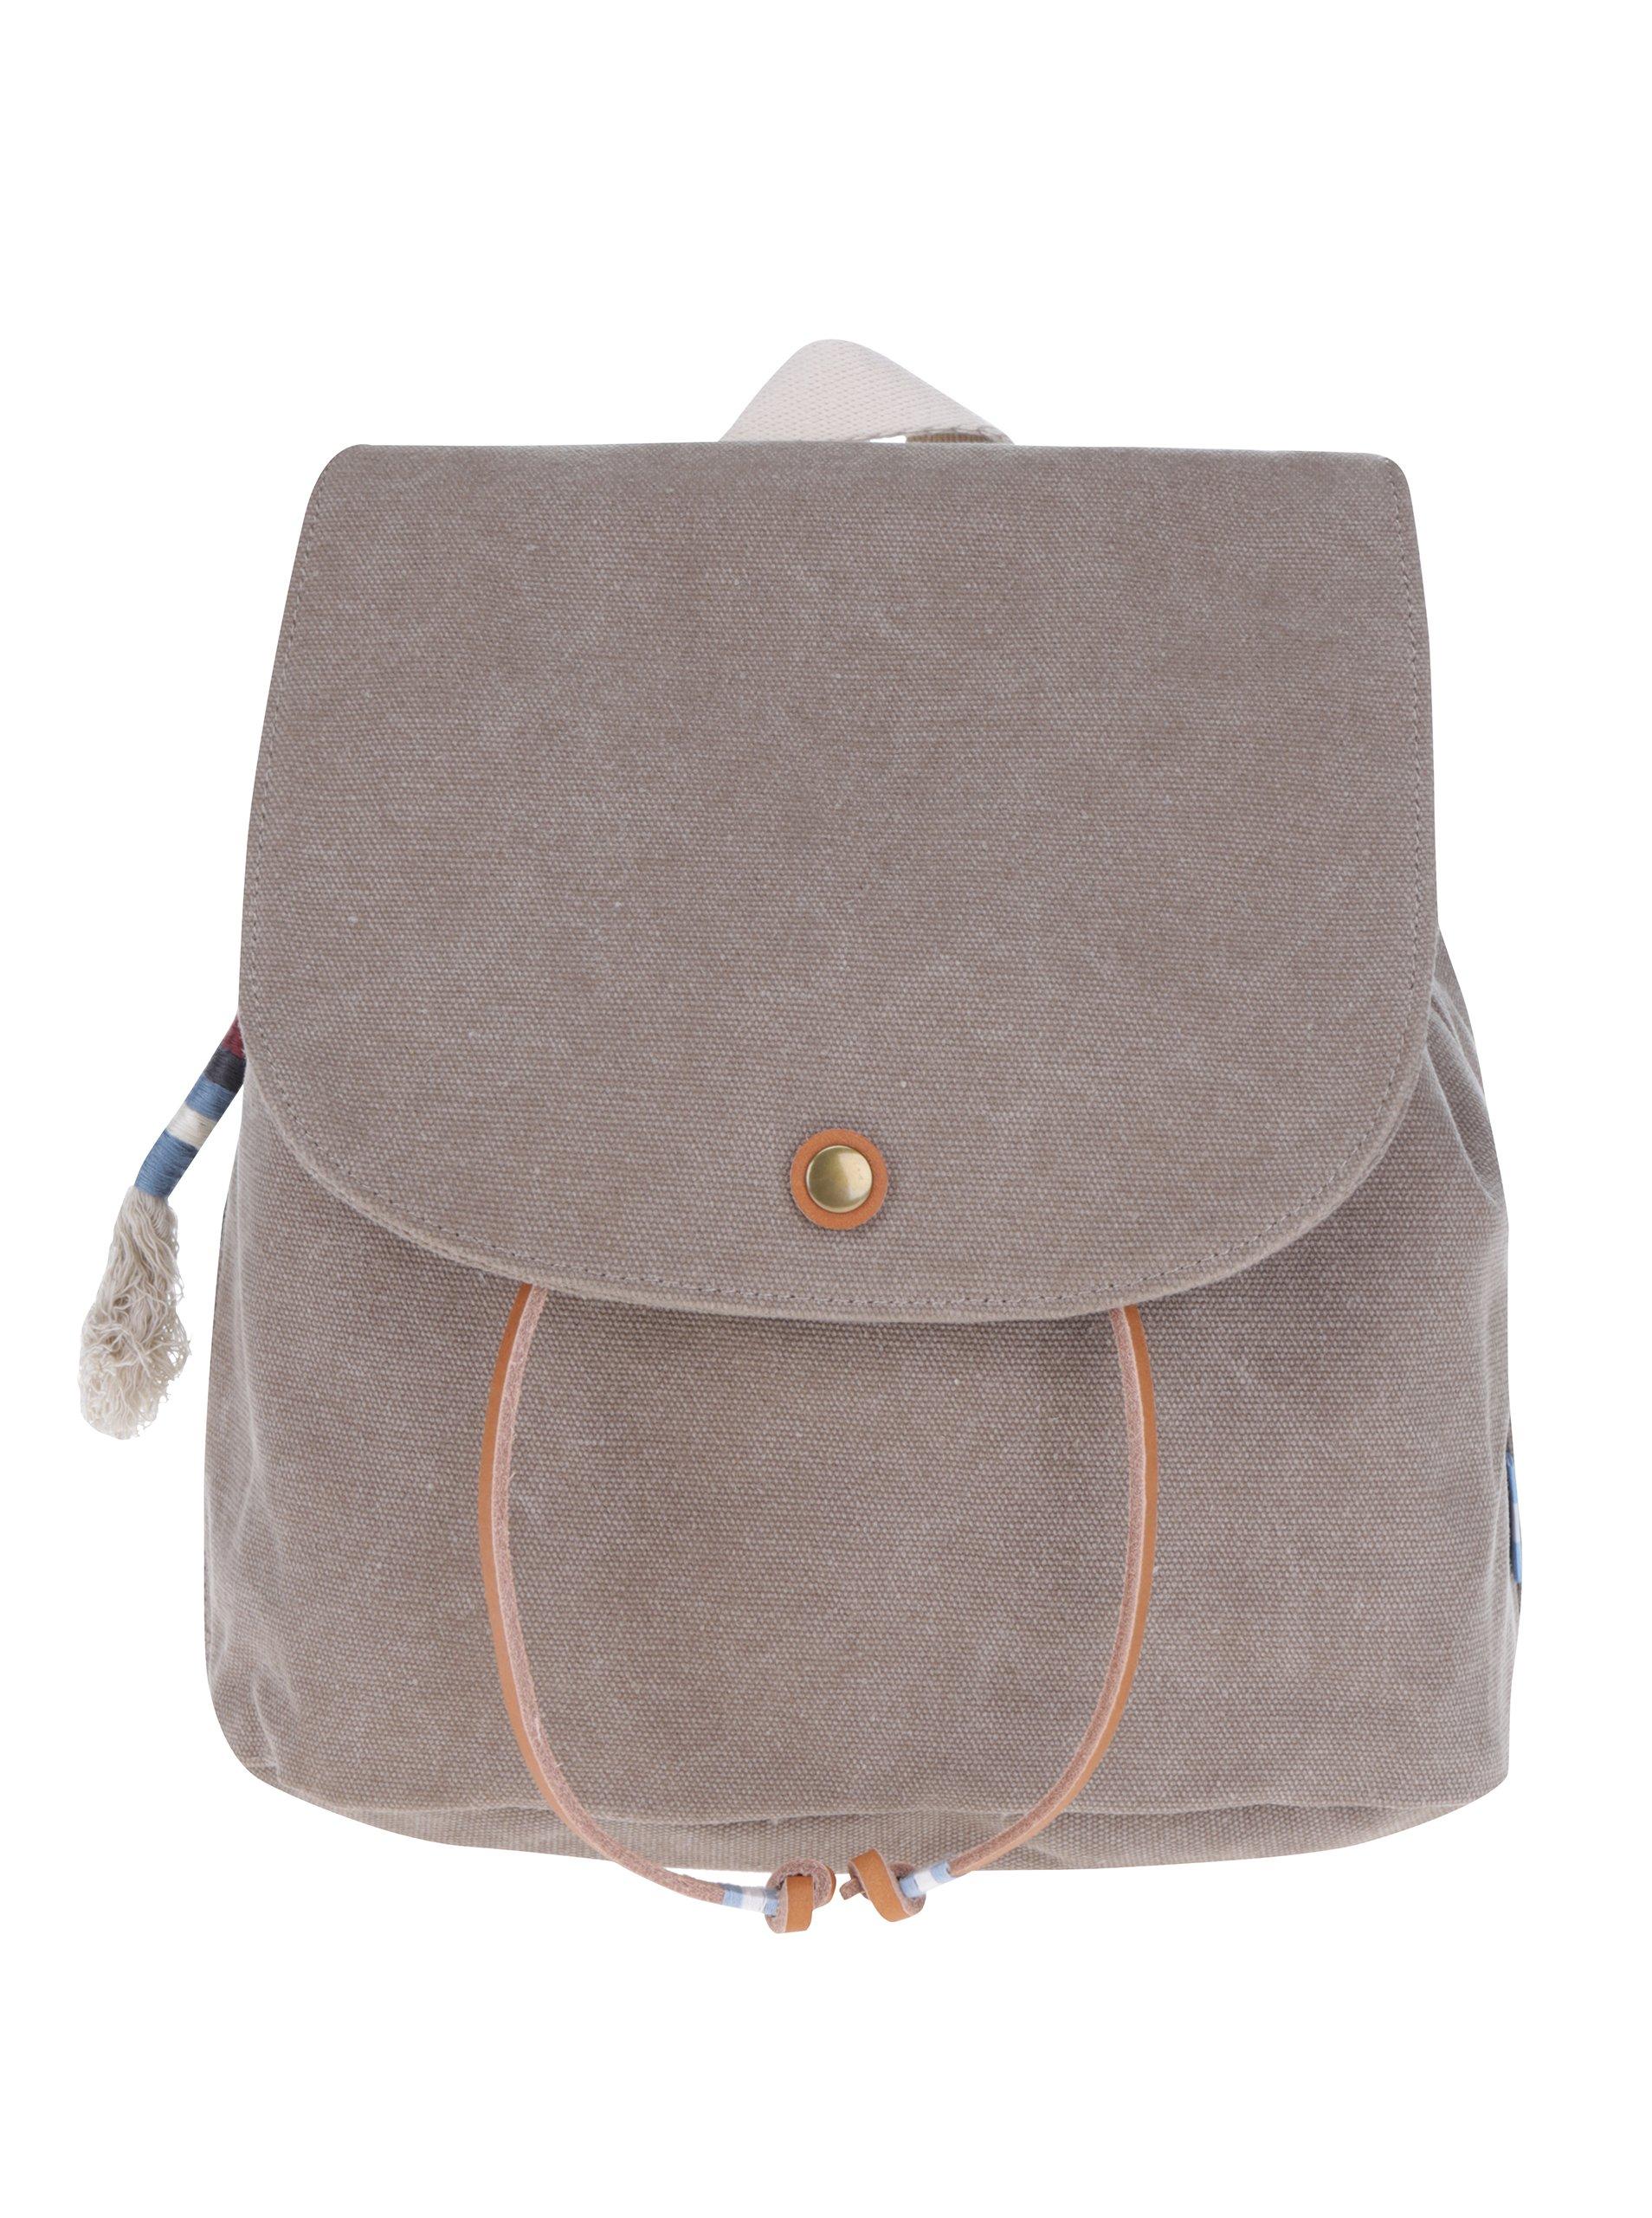 Hnědý dámský malý batoh TOMS